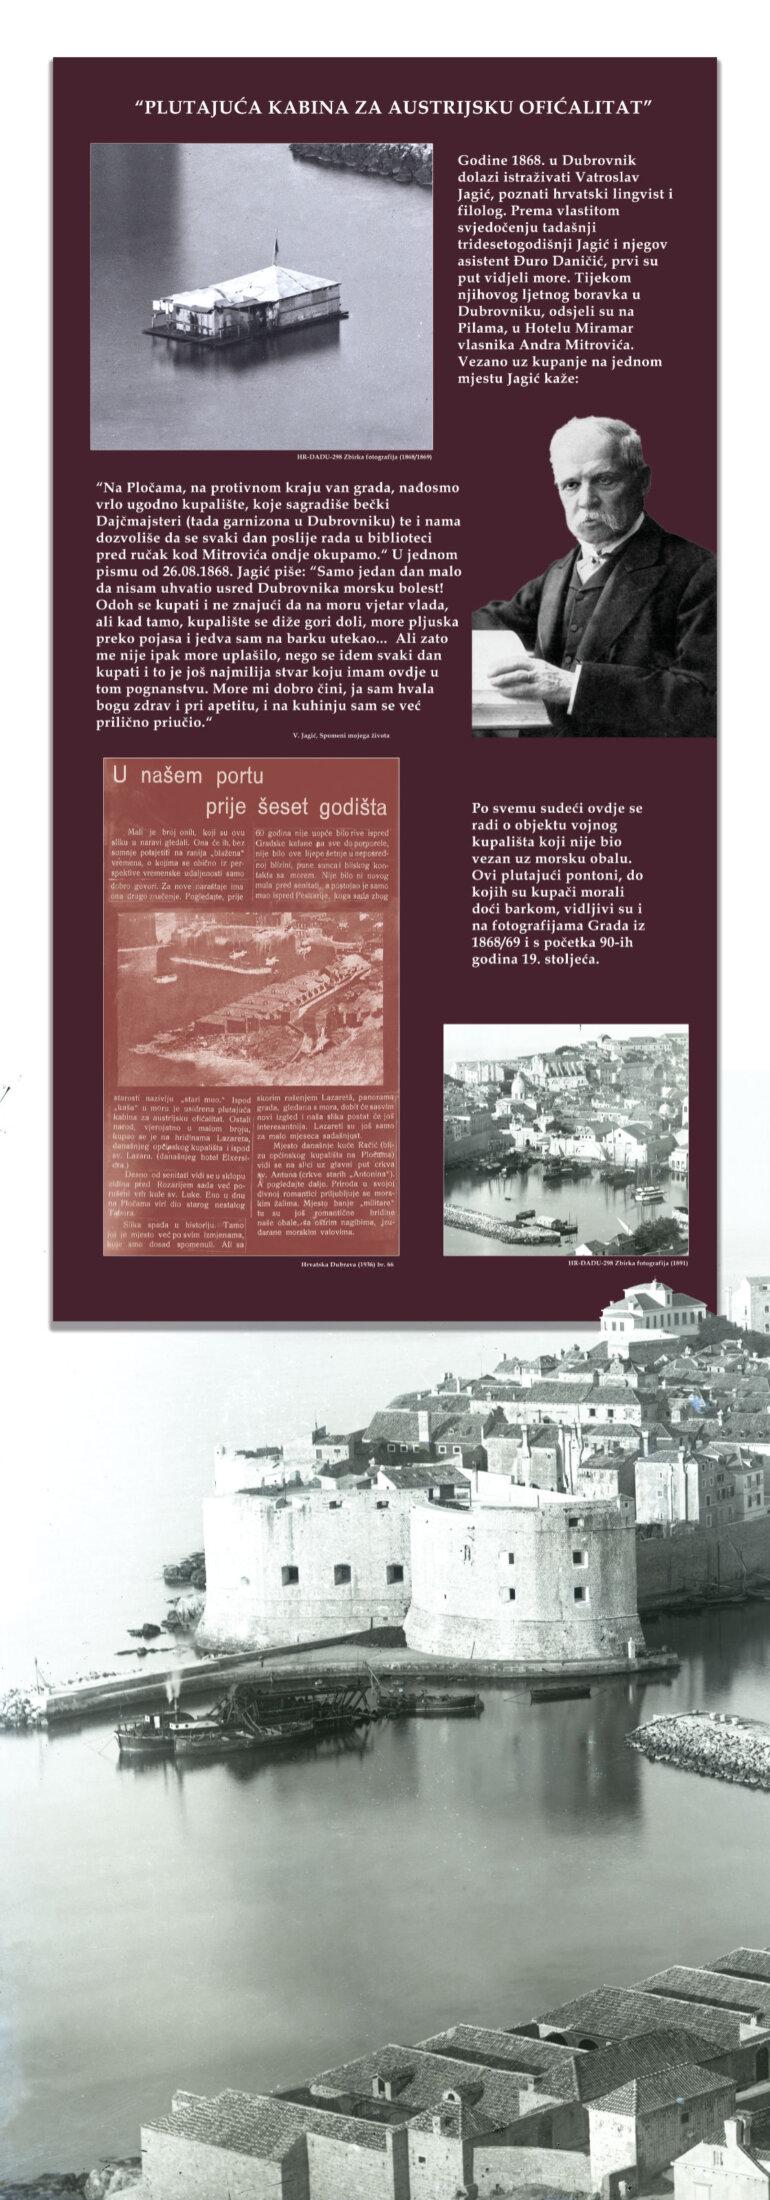 4.plutajuća Kabina Za Austrijsku Oficalitat